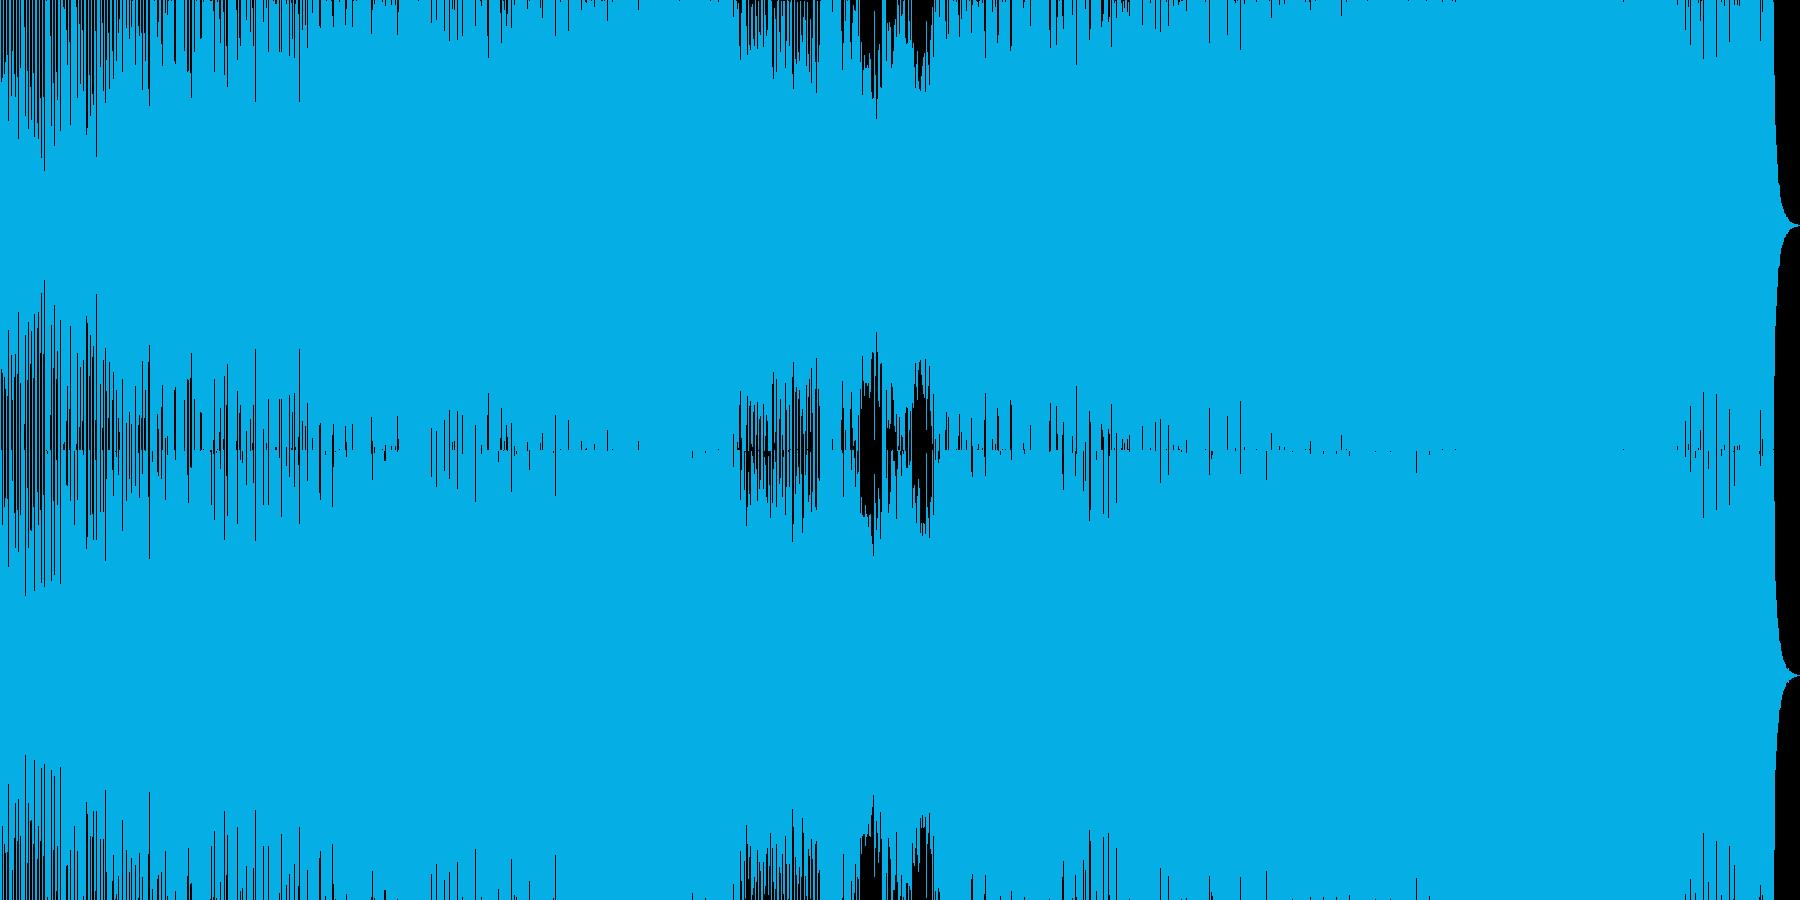 エモーショナルなハウス・トランスサウンドの再生済みの波形